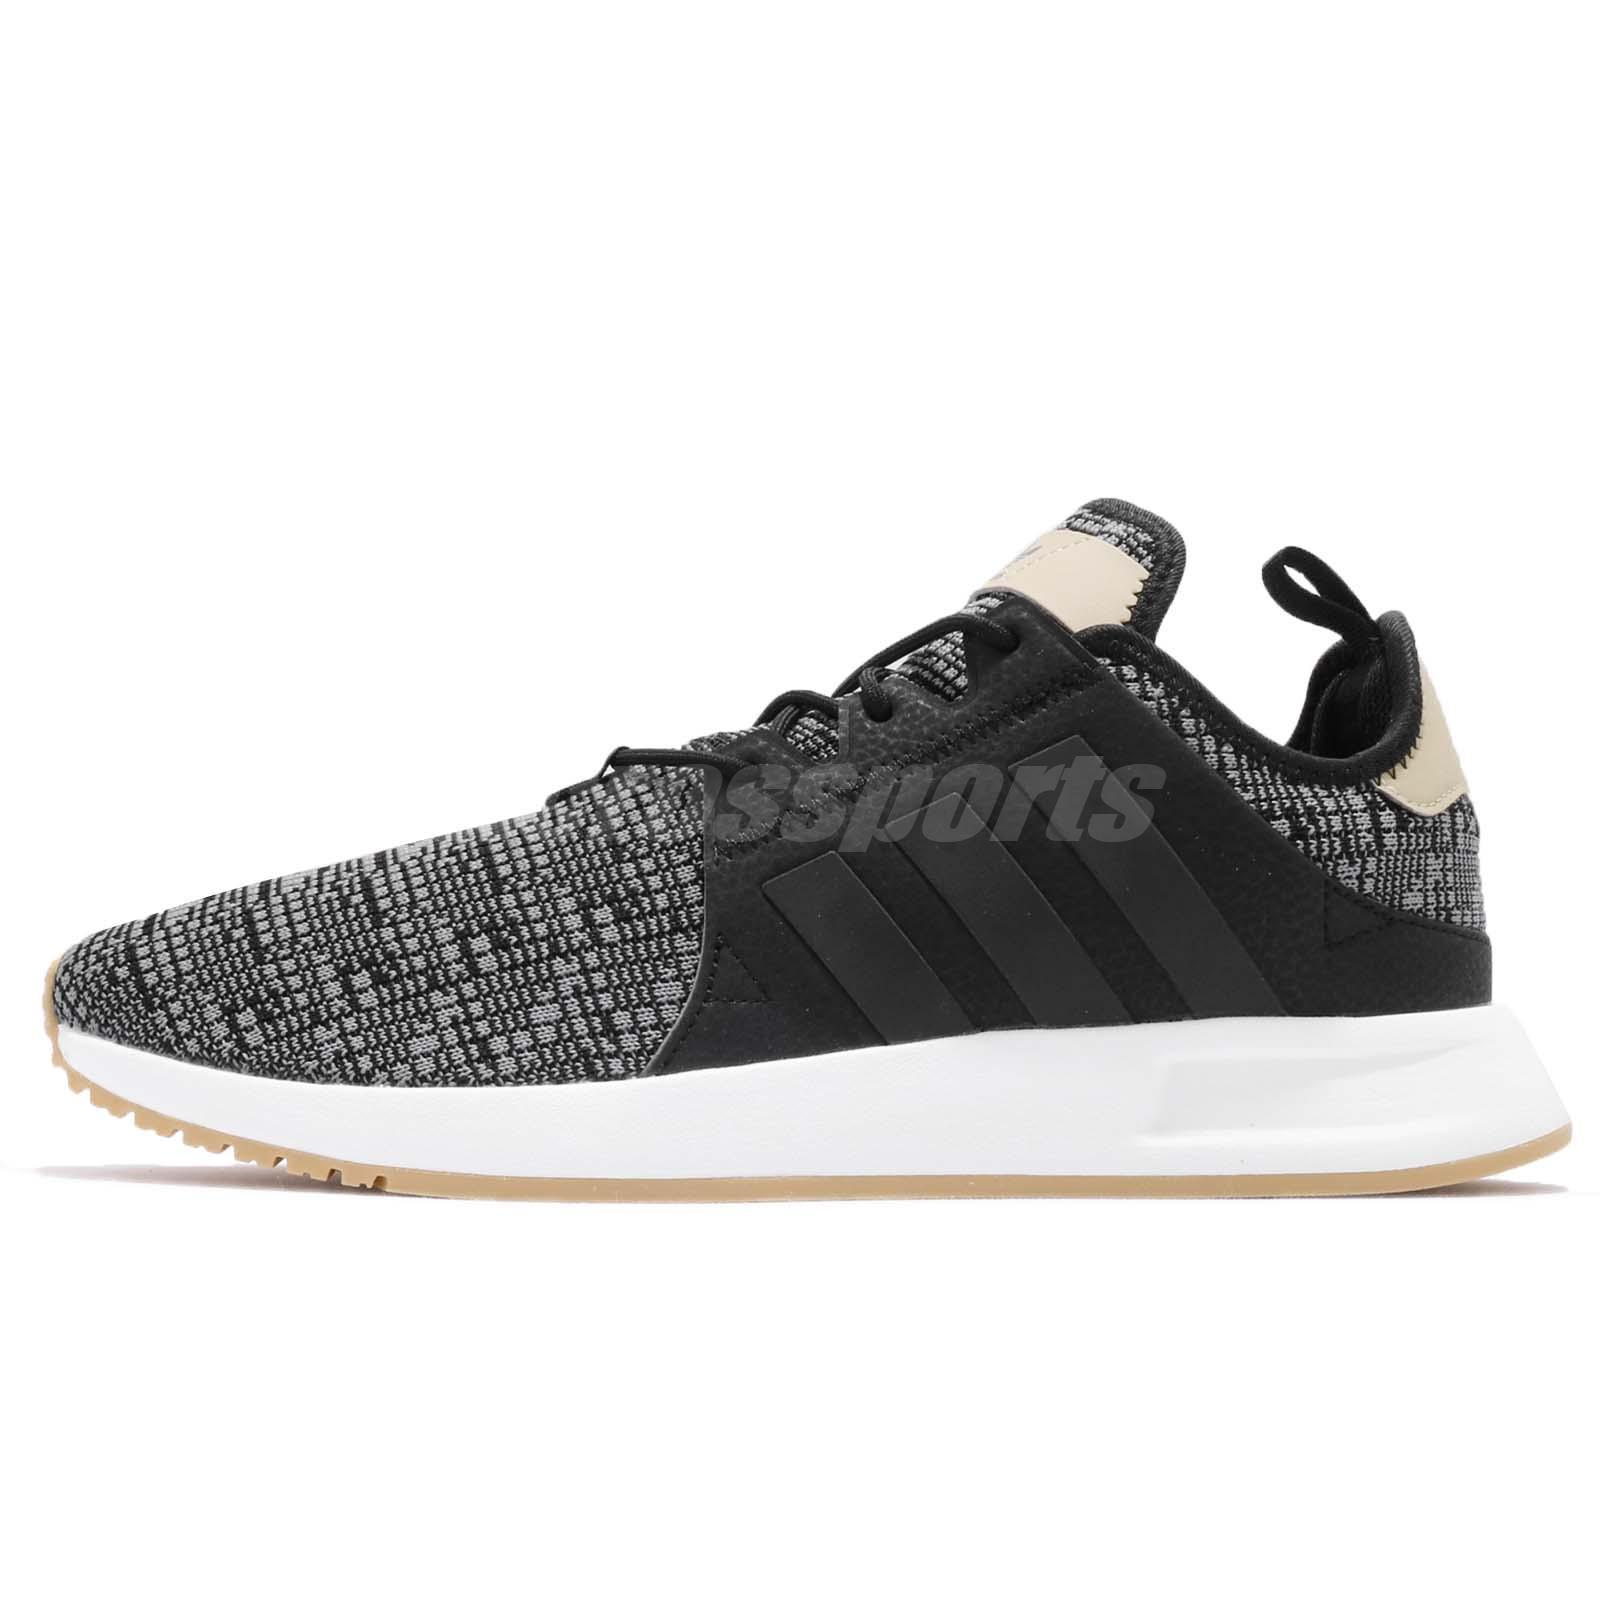 adidas Originals X_PLR Black White Gum Men Running Shoes Sneakers AH2360